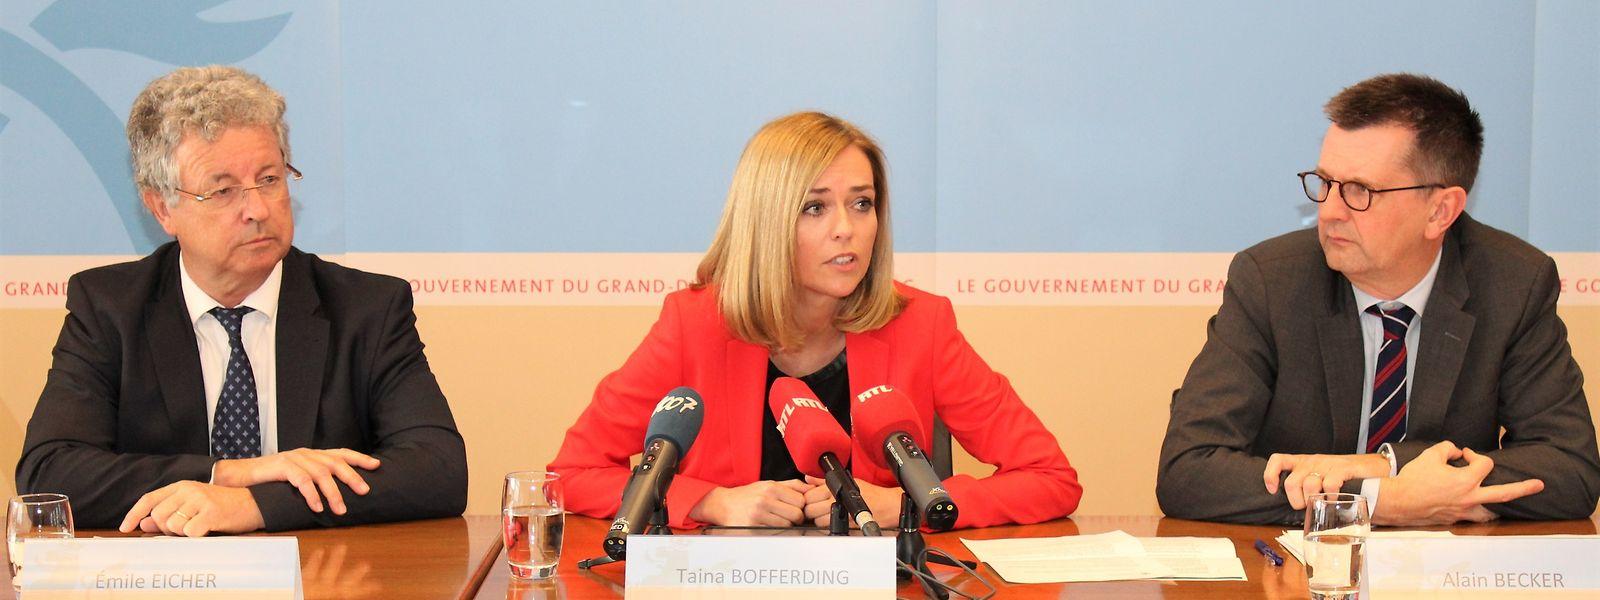 Emile Eicher (r., Syvicol) mit Innenministerin Taina Bofferding und Alain Becker (Innenministerium) bei der Vorstellung der Reform.